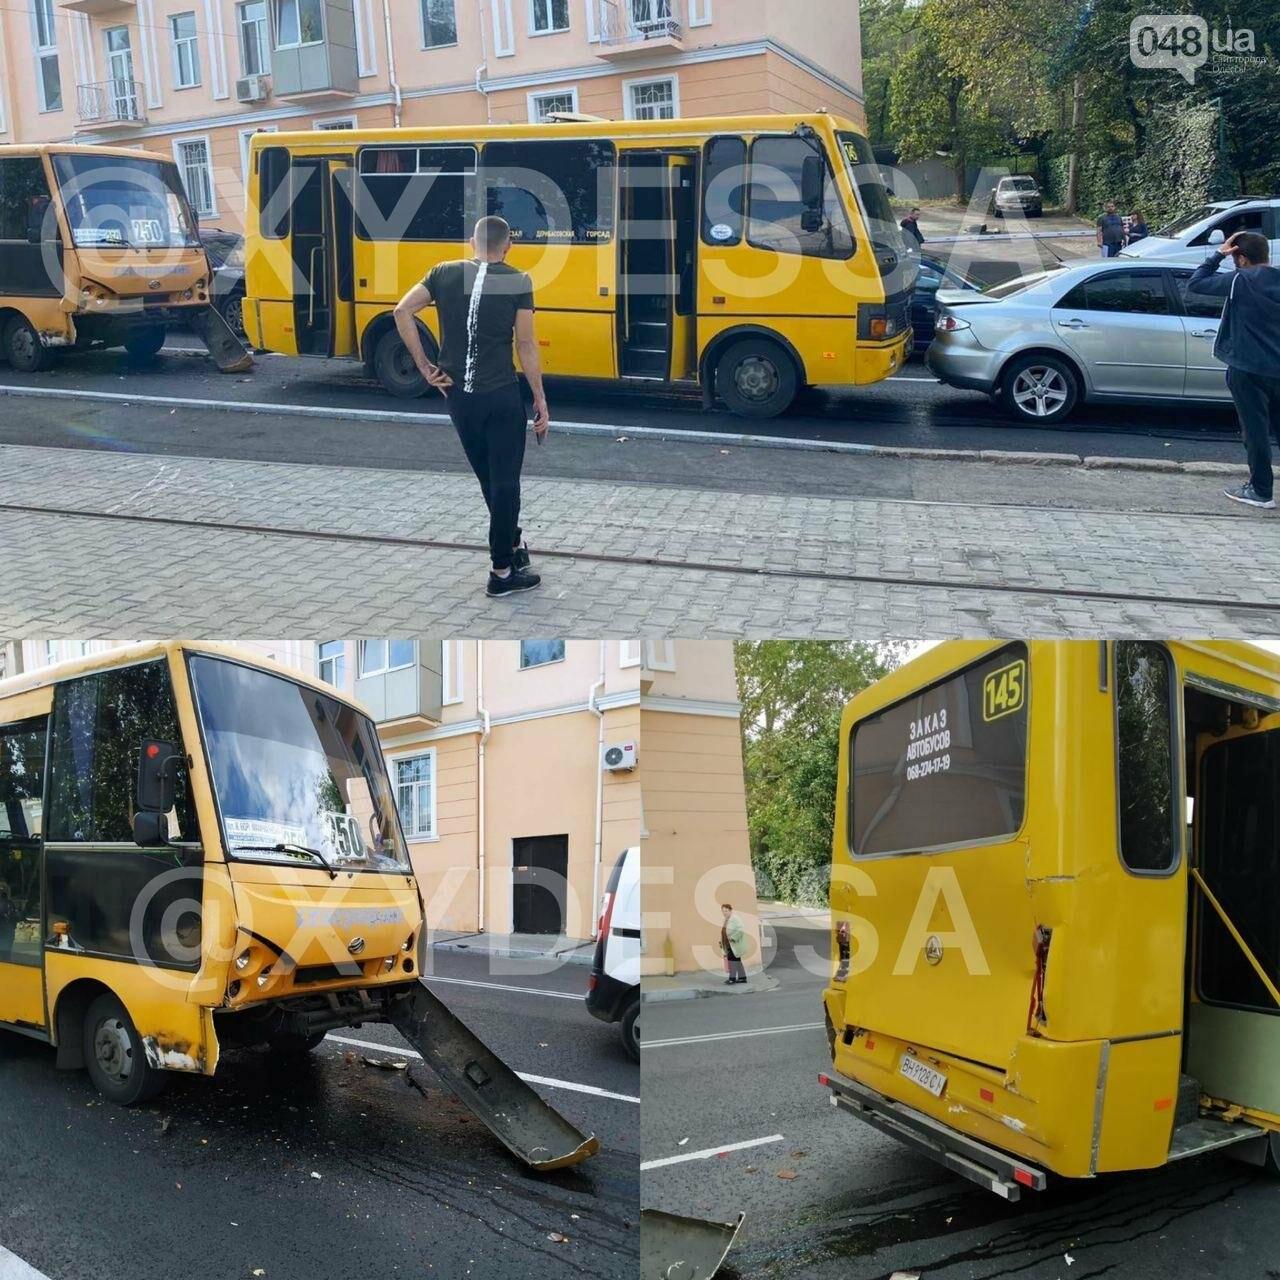 В Одессе у маршрутки отказали тормоза, есть пострадавшие, - ФОТО1